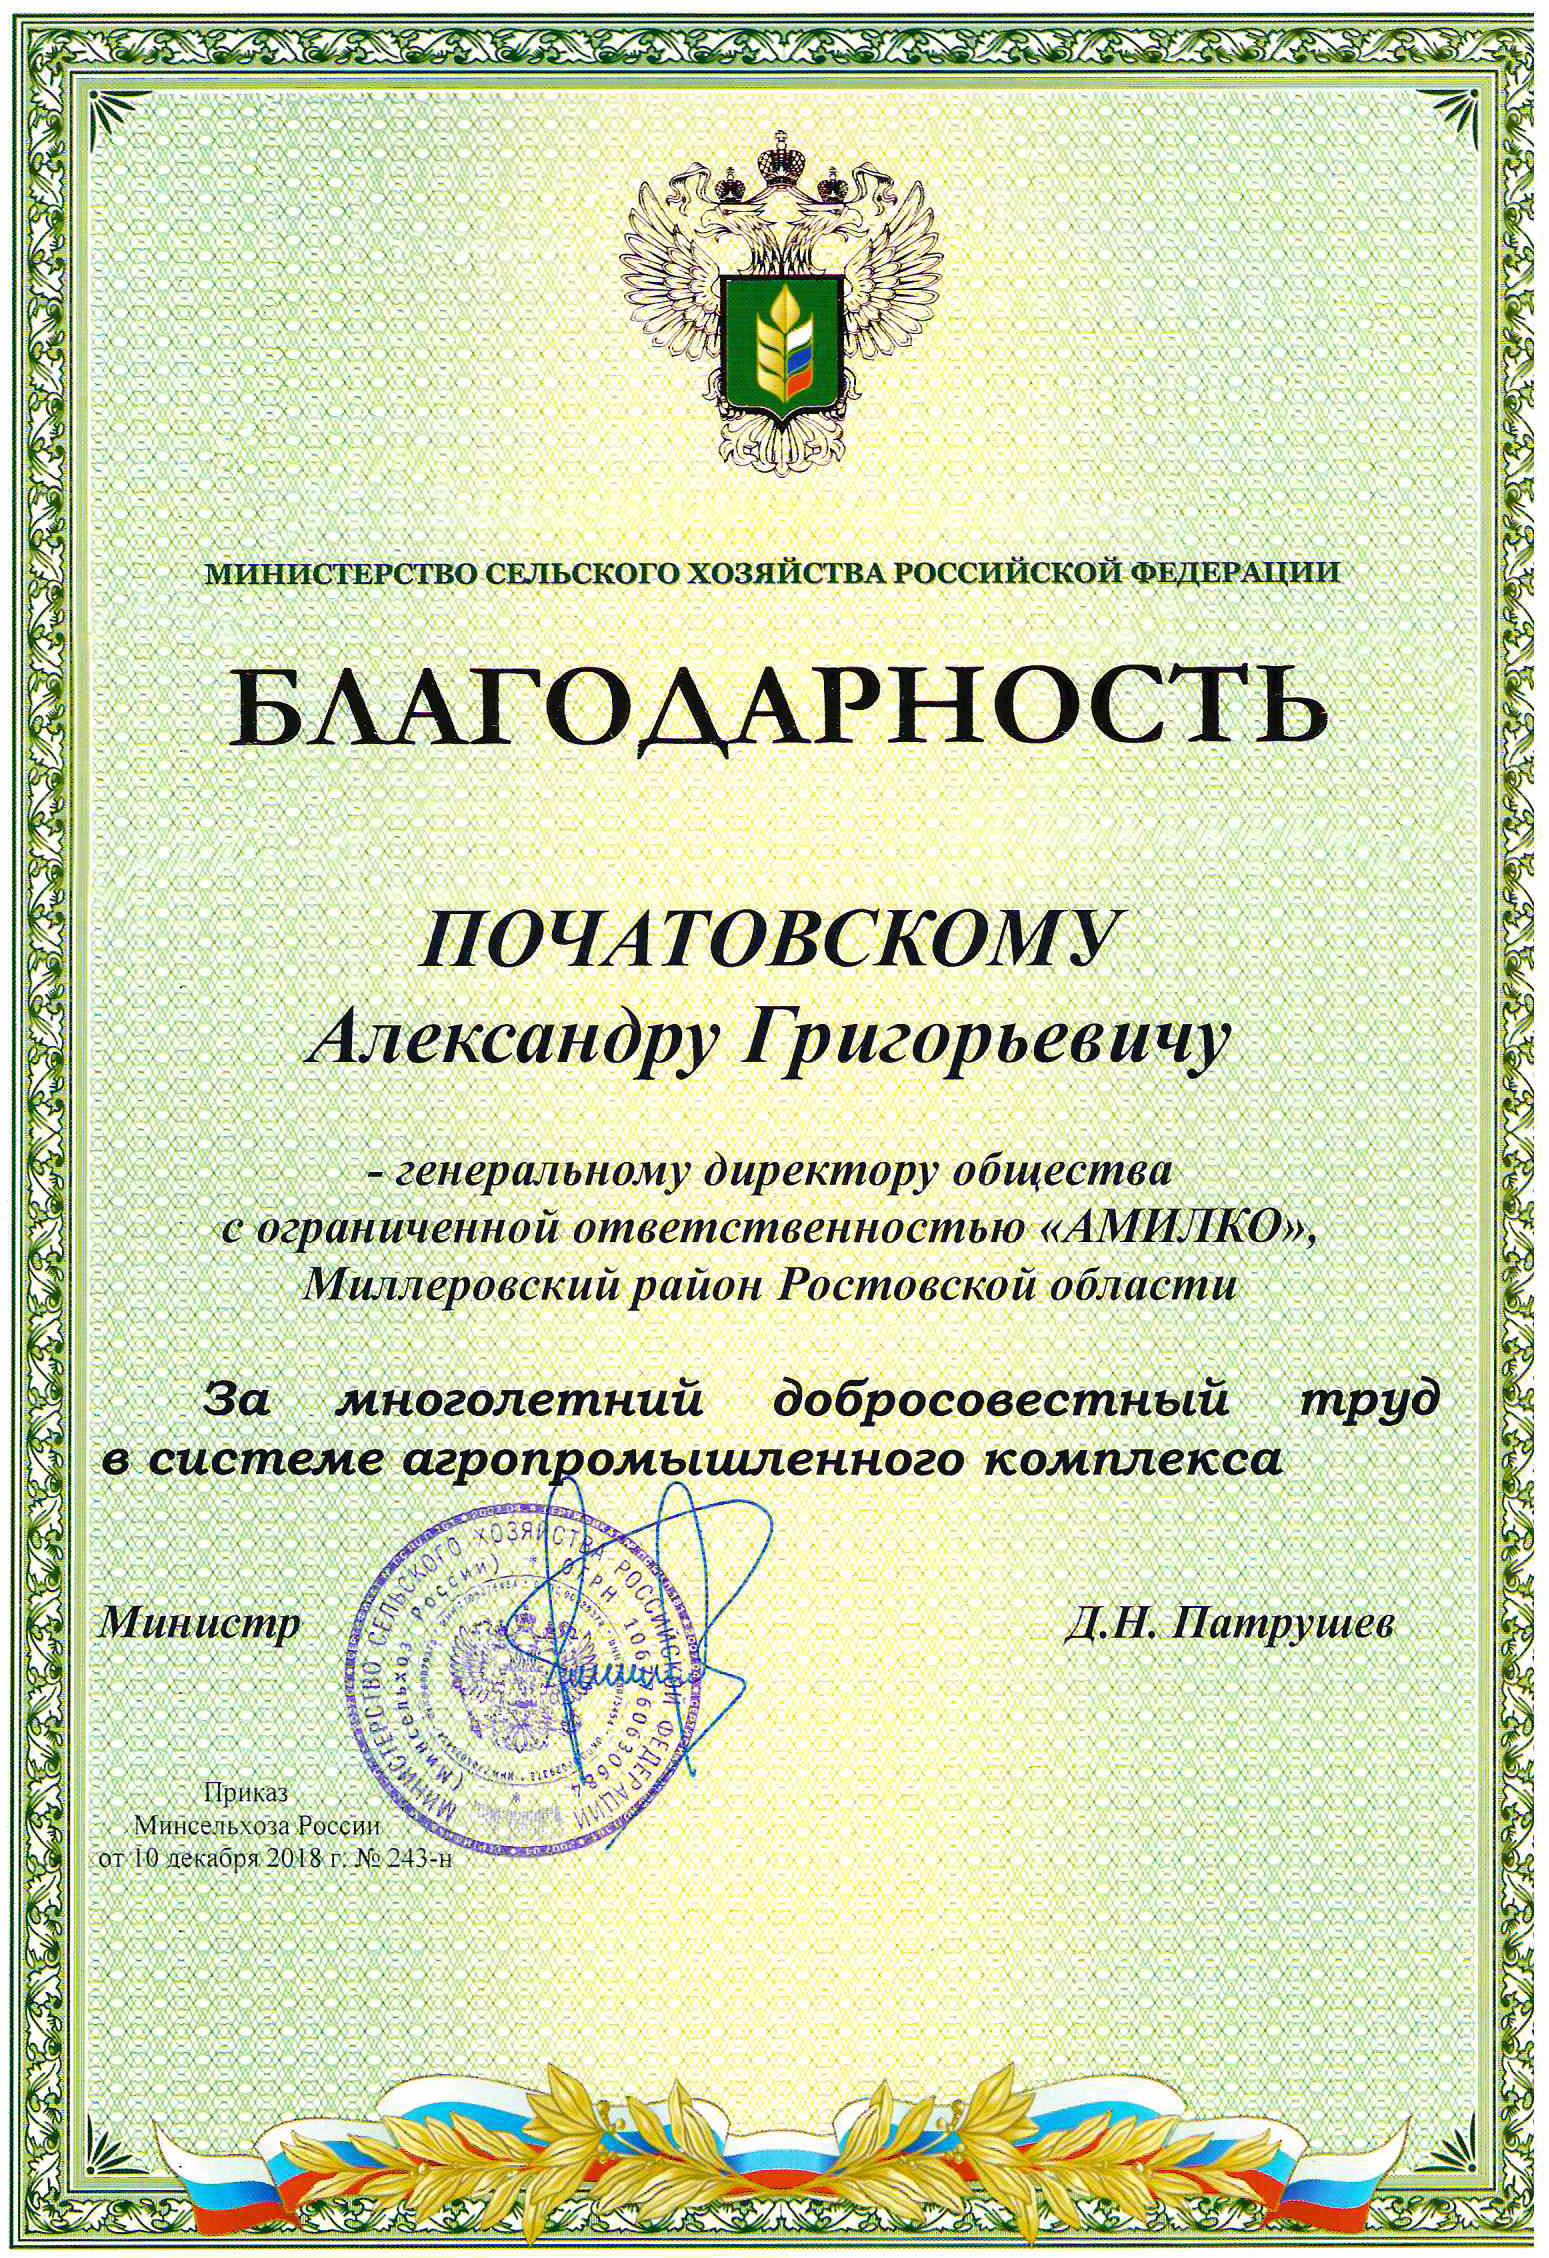 Благодарность от министра сельского хозяйства Д.Н. Патрушева